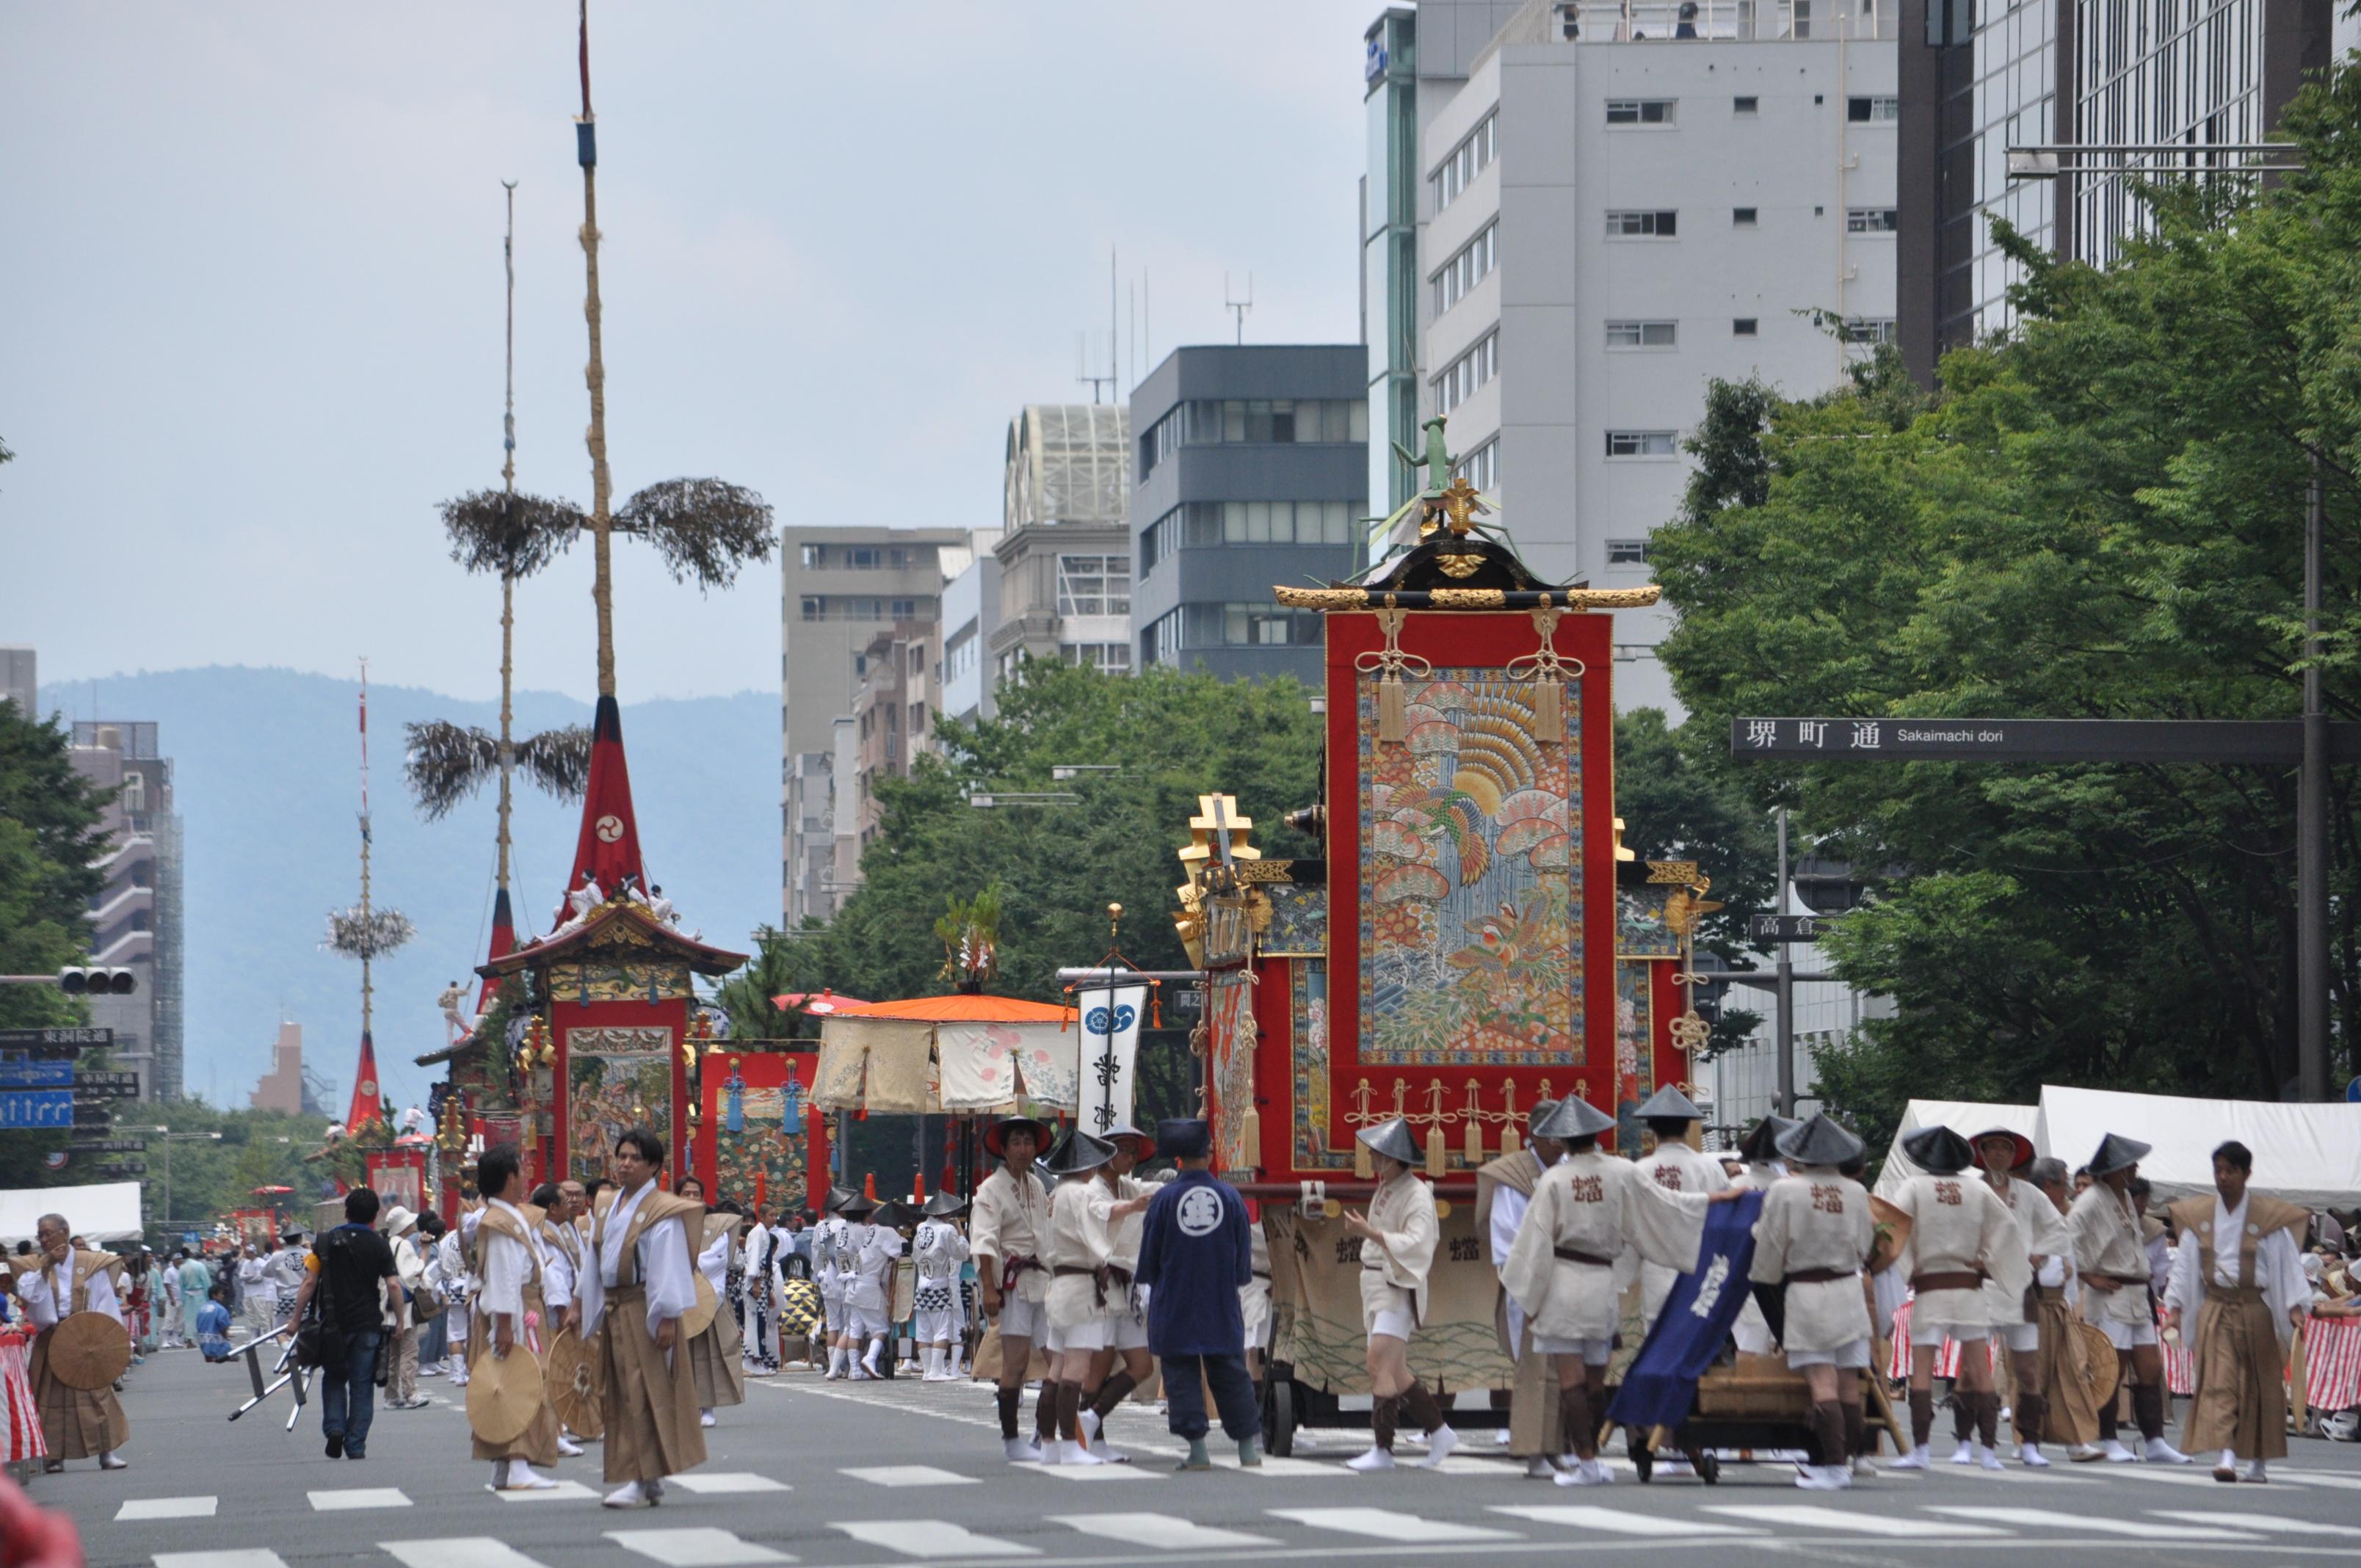 祇園祭 あと まつり 2019